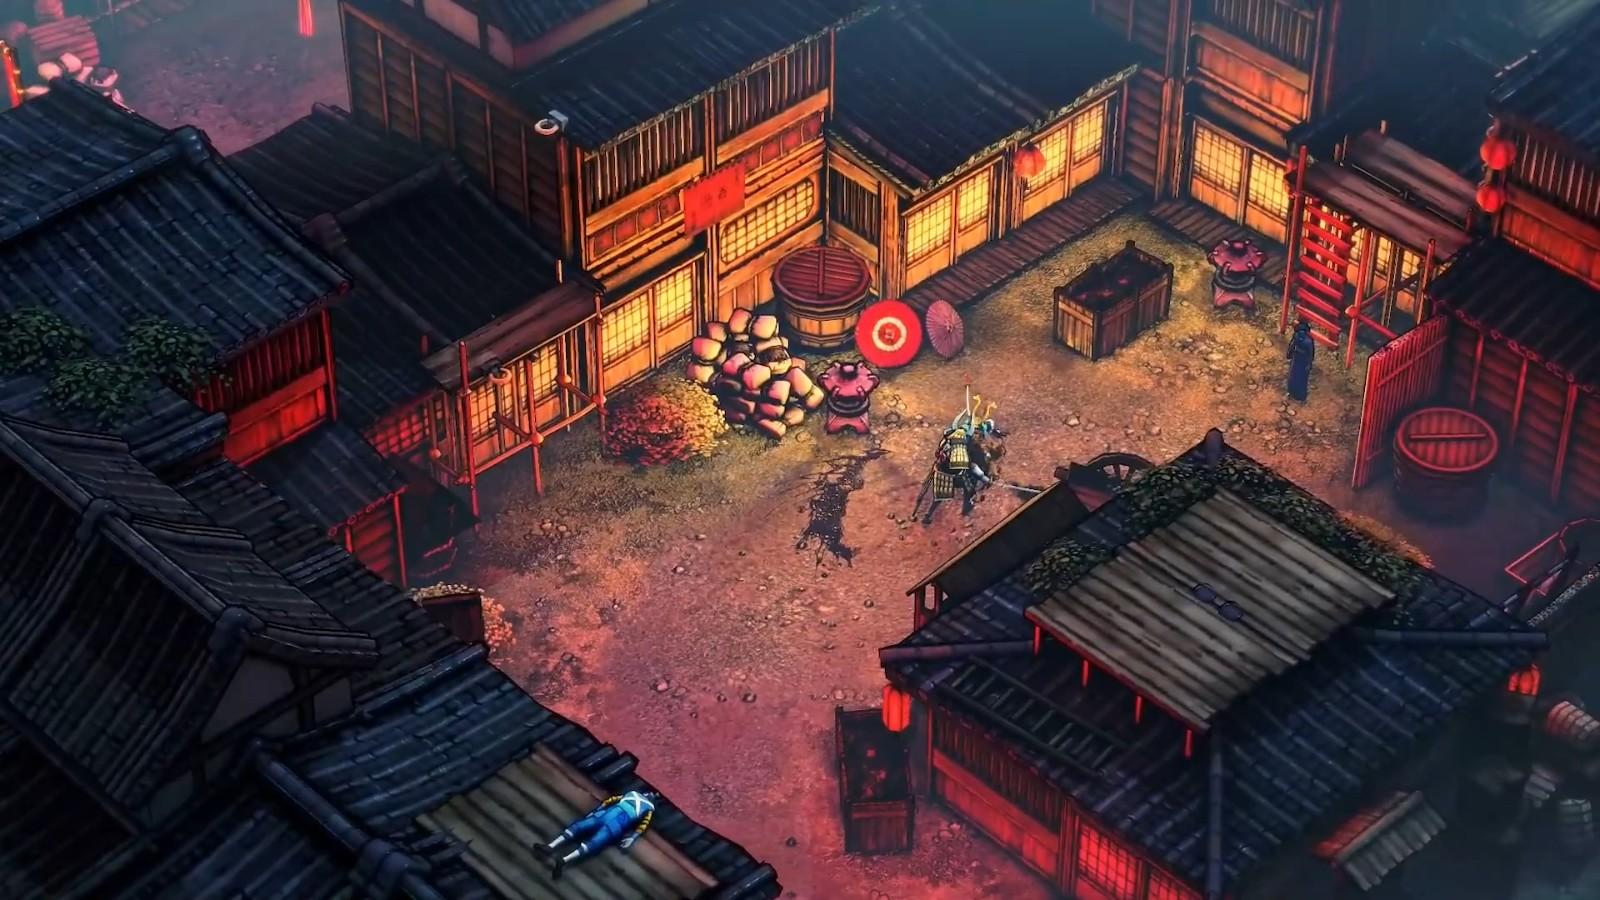 高能电玩节:《影子战术:将军之刃》新DLC宣传片插图19